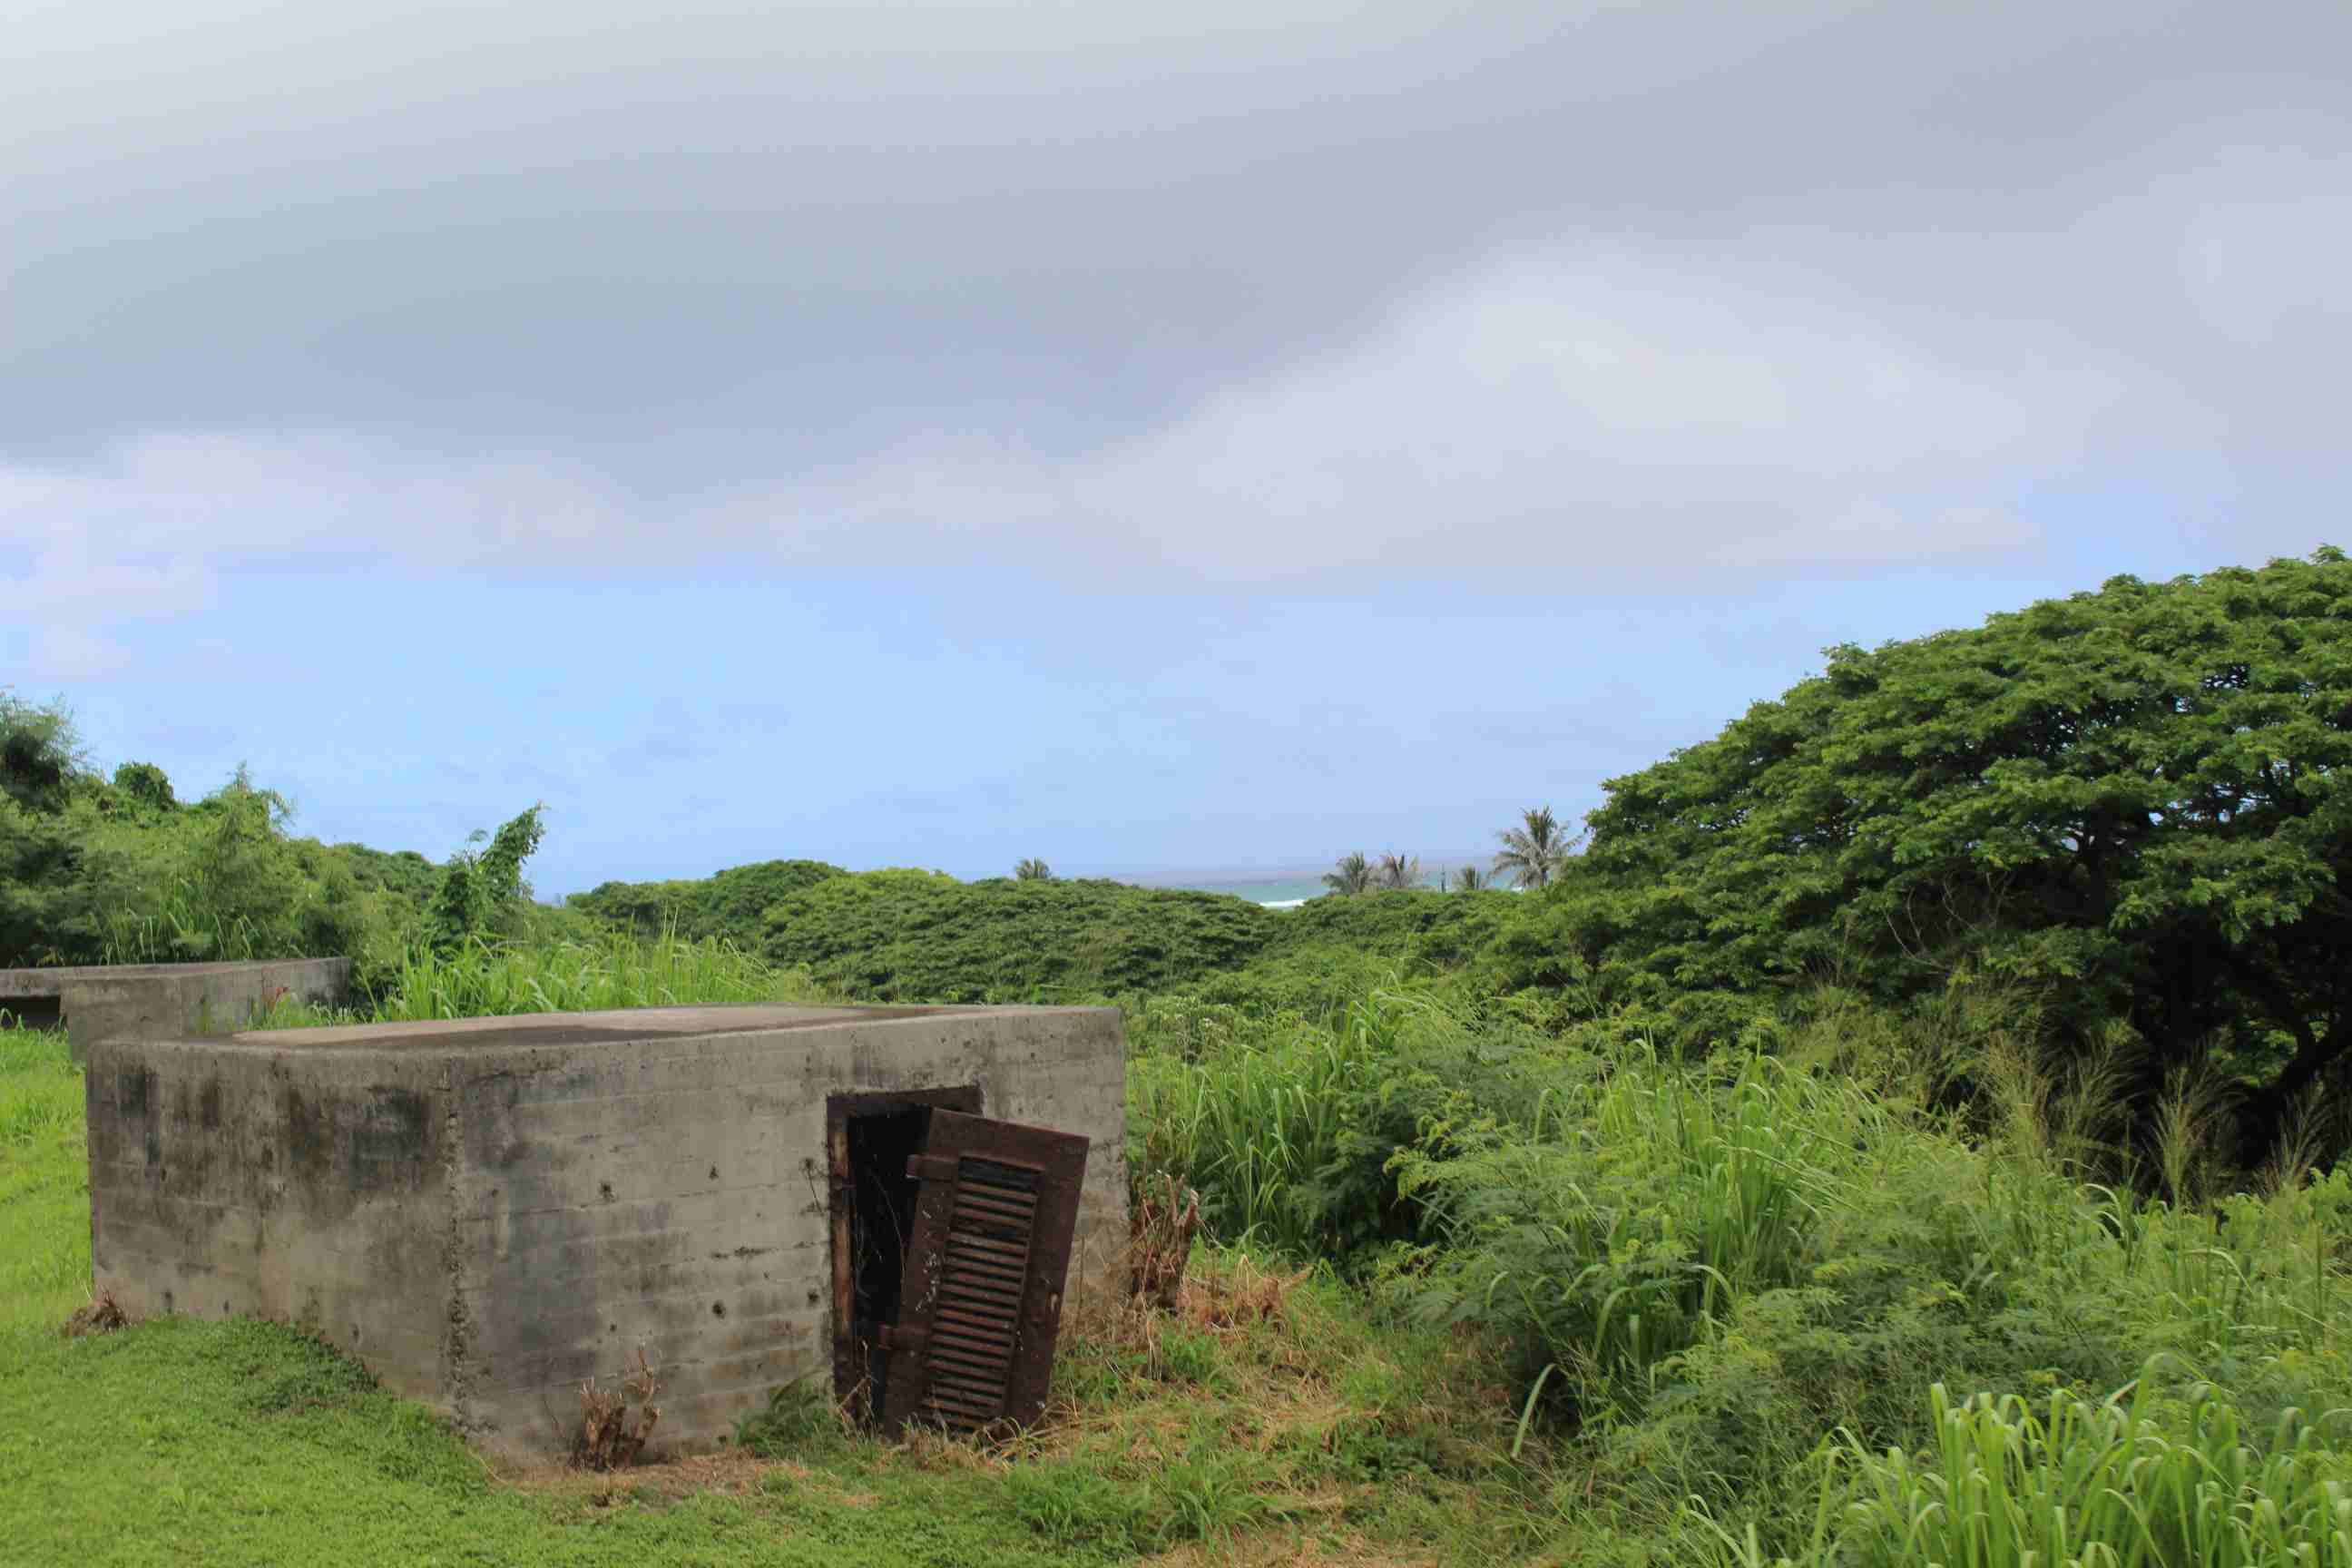 Abandoned World War II bunkers at Kualoa Ranch in Hawaii.